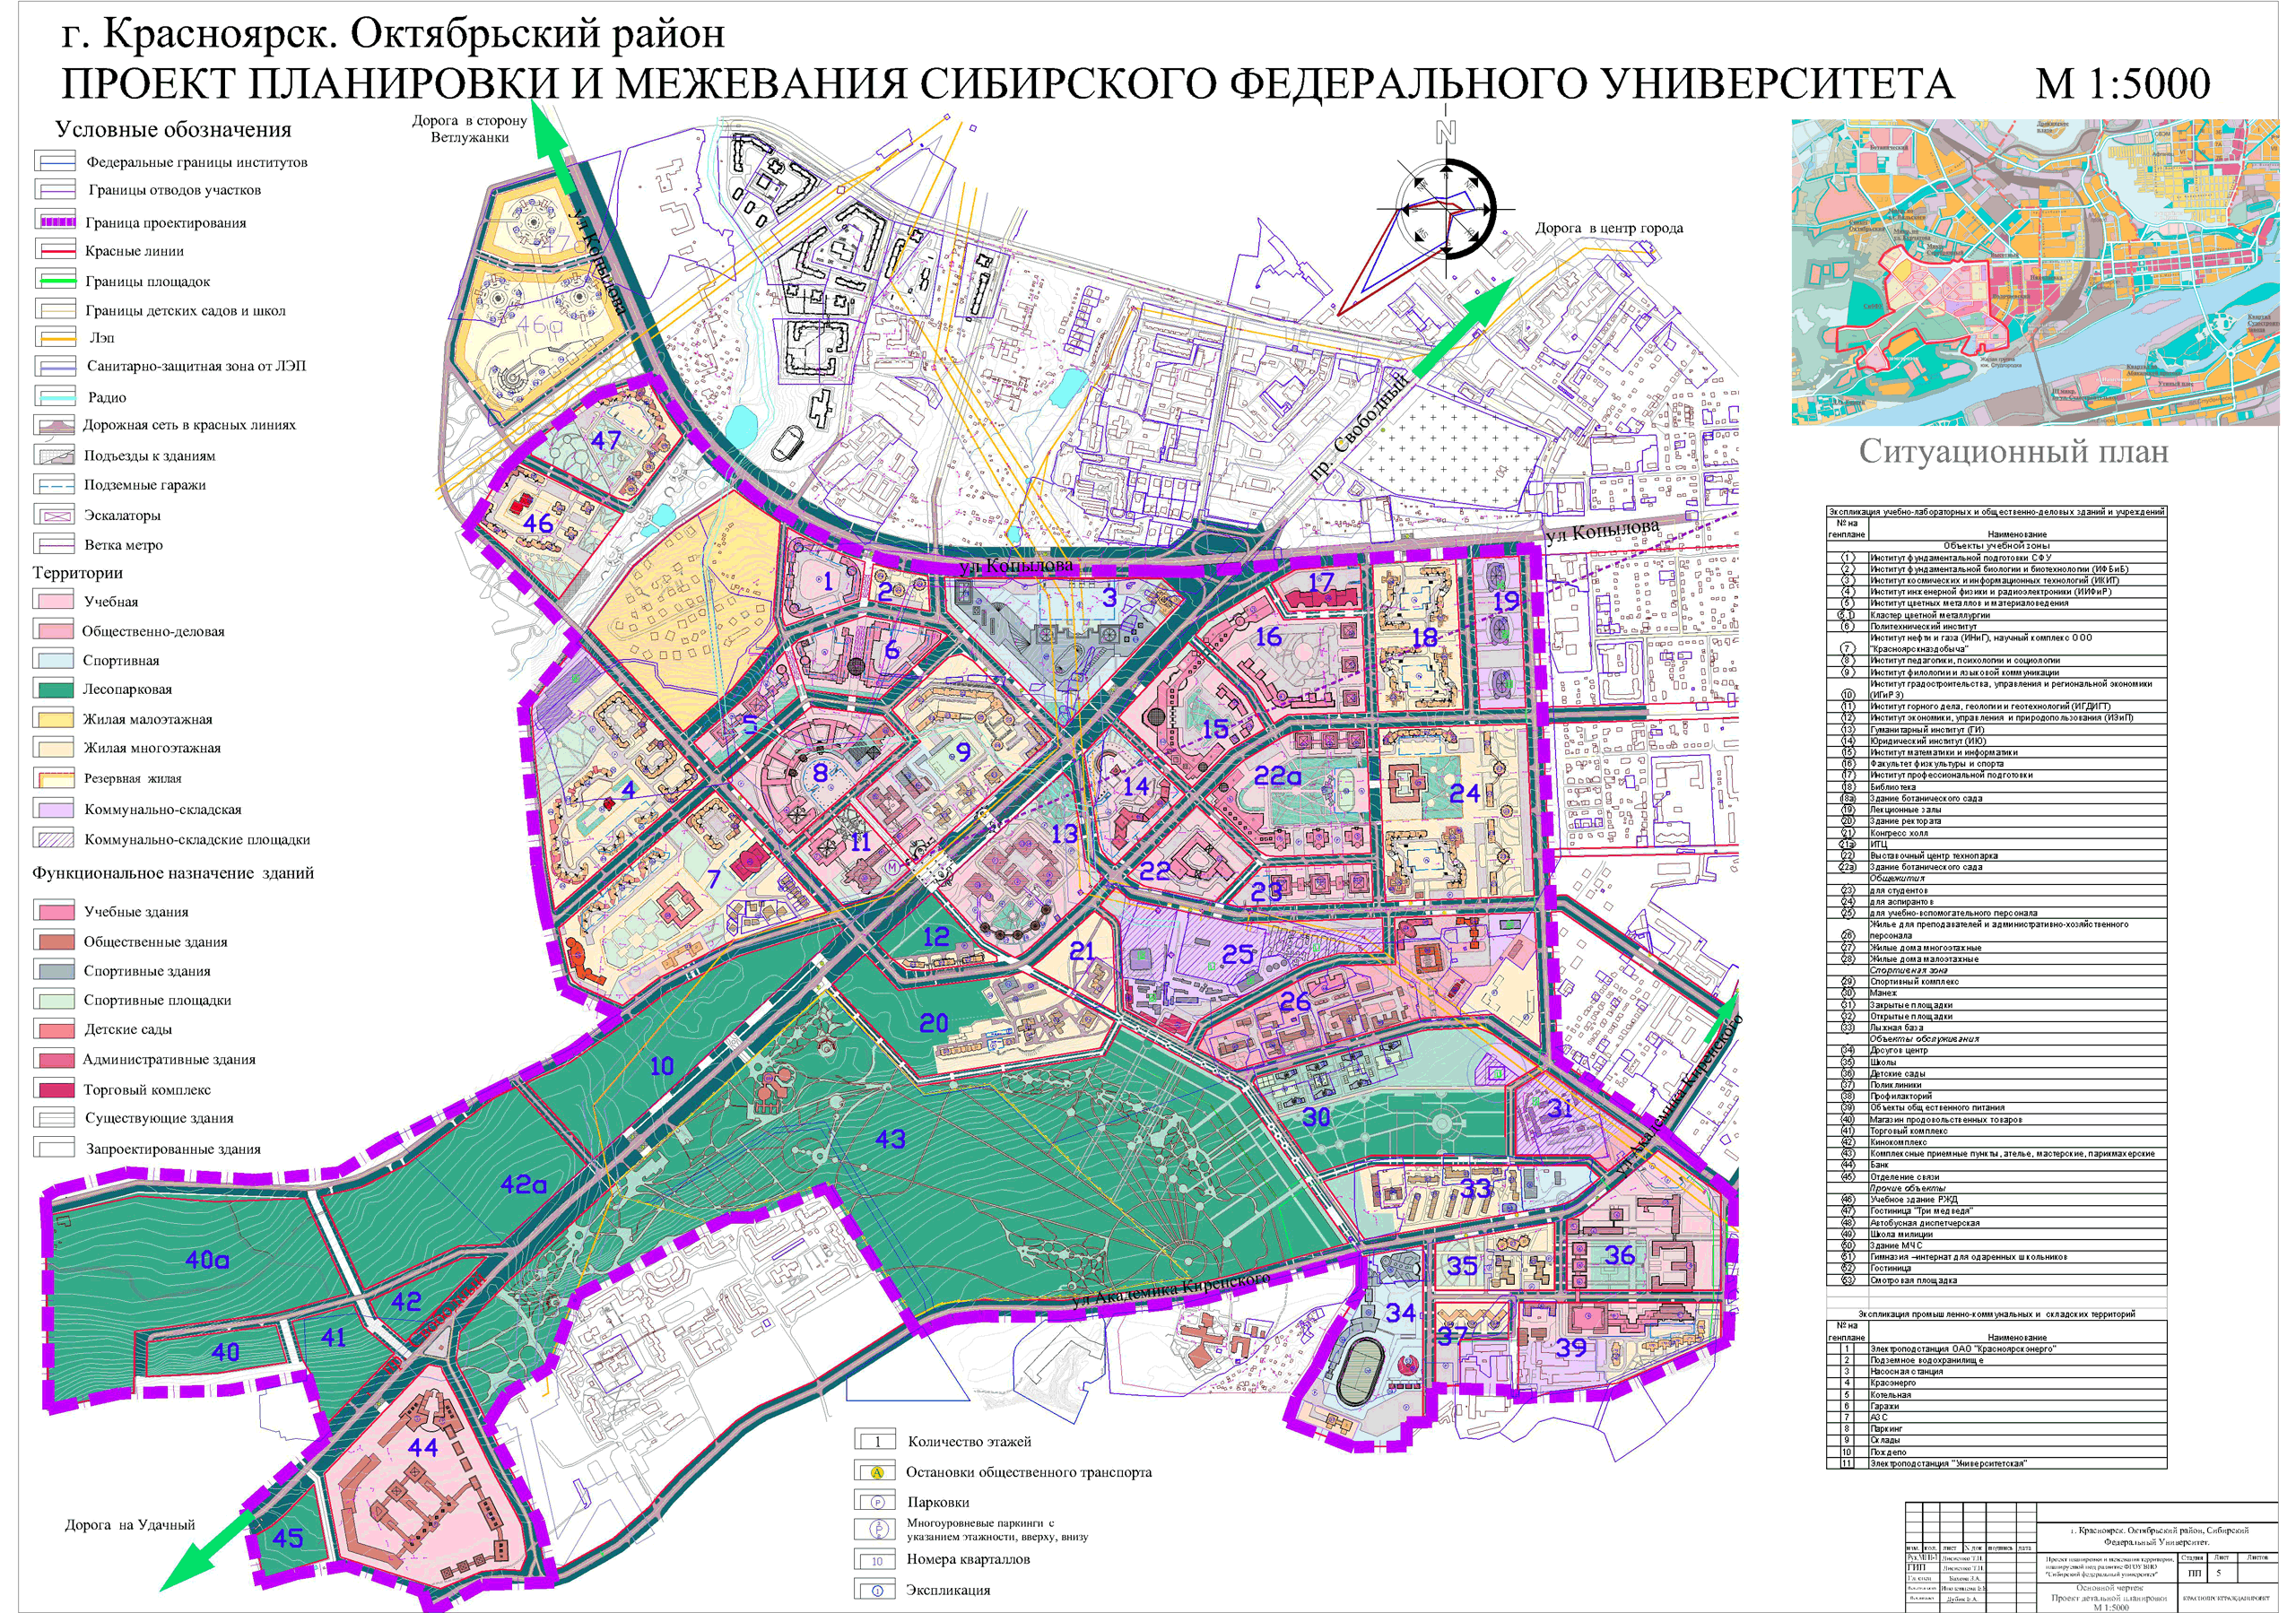 образец проекта планировки и межевания территории